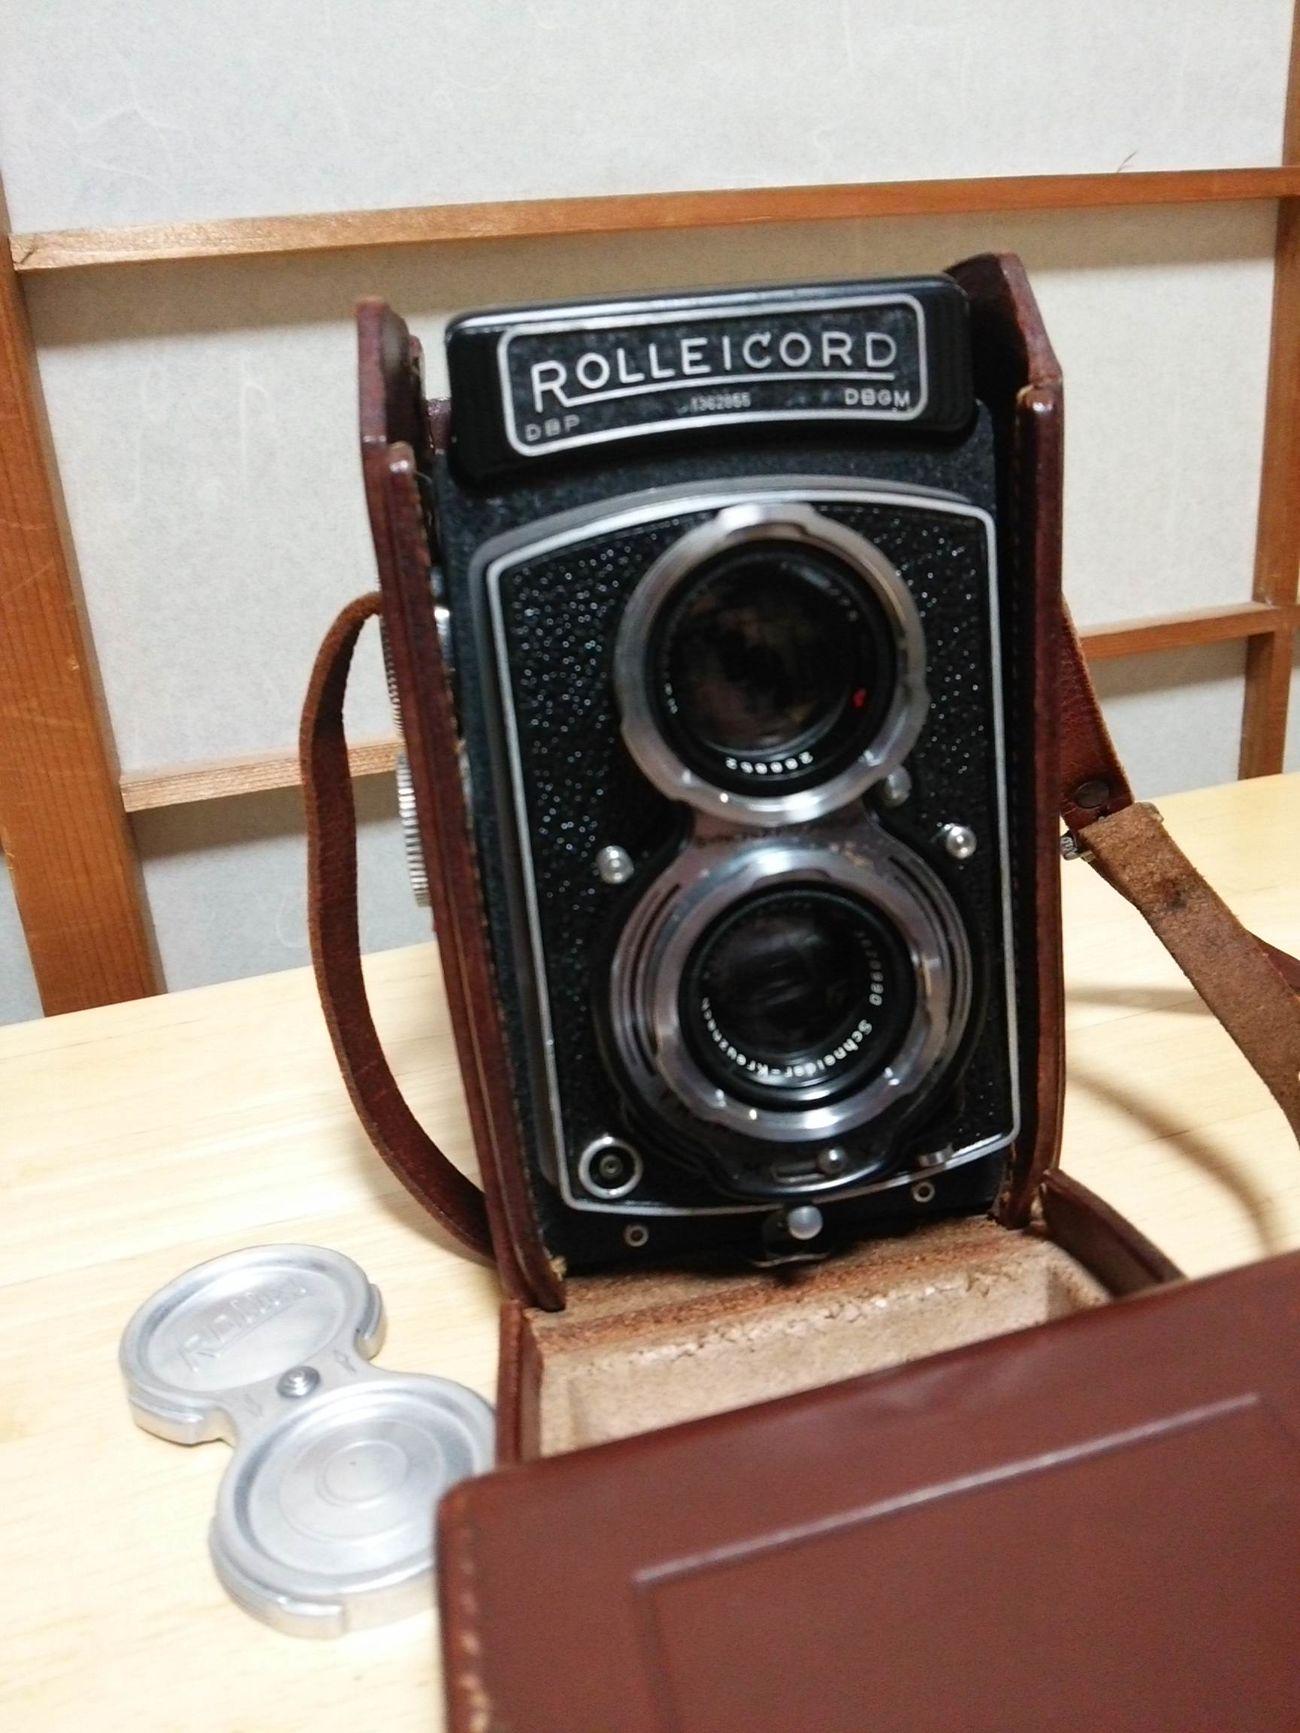 カメラ買いました ローライコード Rolleicord